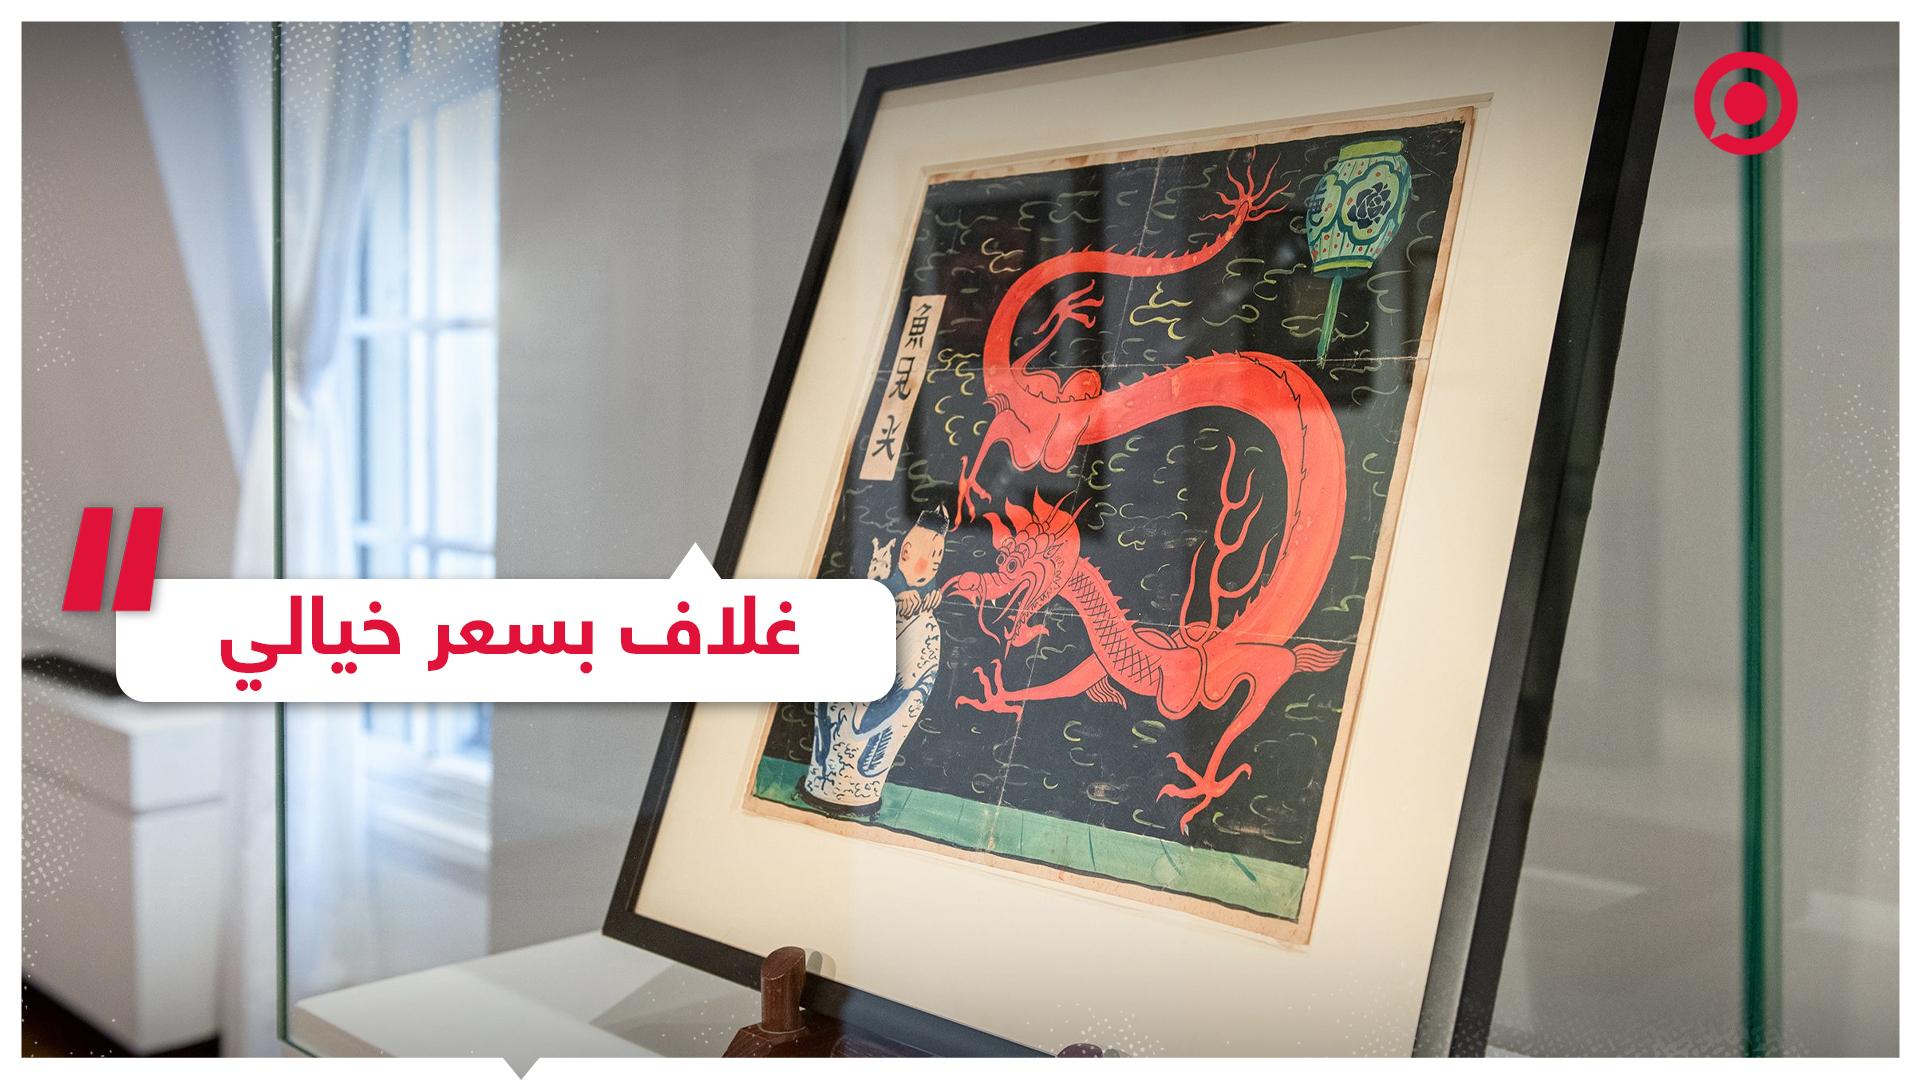 غلاف نادر لقصة مصورة يباع بسعر خيالي